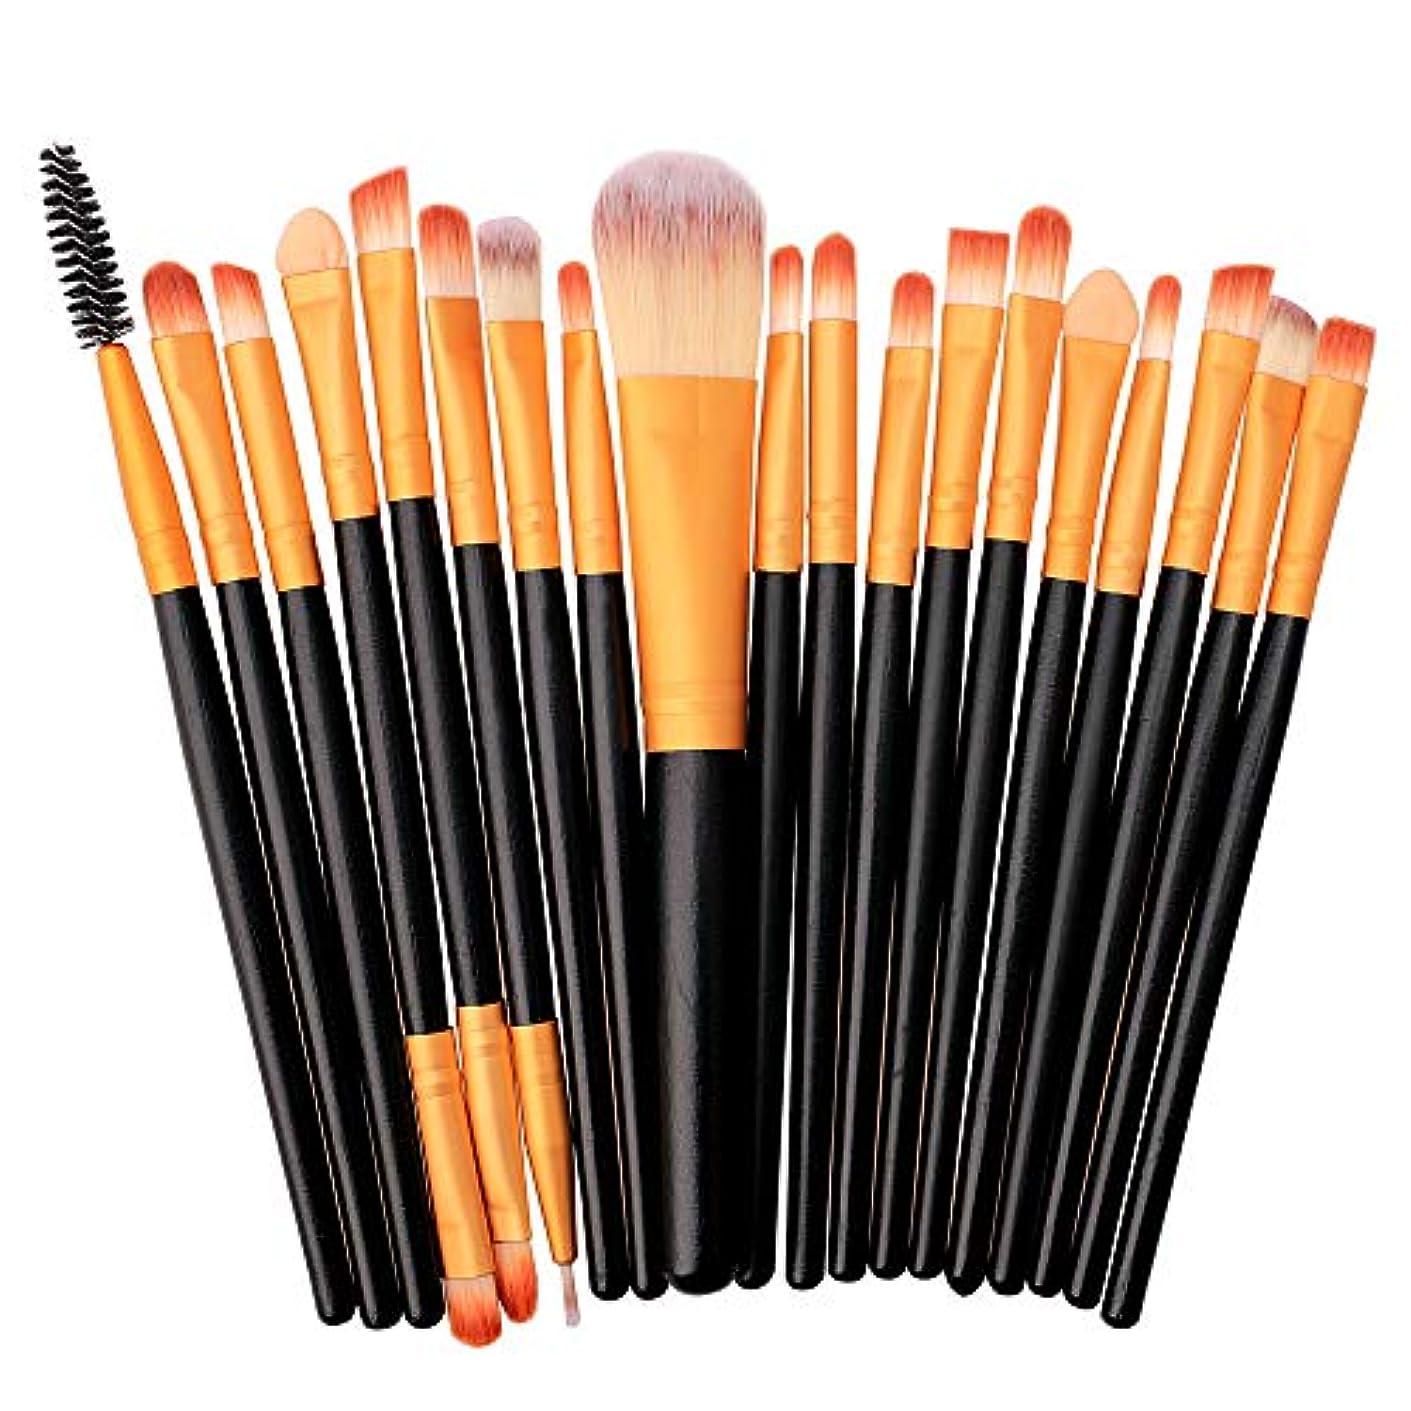 不均一推測キモいメイクアップブラシセット   20本セット化粧筆アイシャドウメイクブラシコスメチックビューティーツール化粧ブラシ (ブラック)